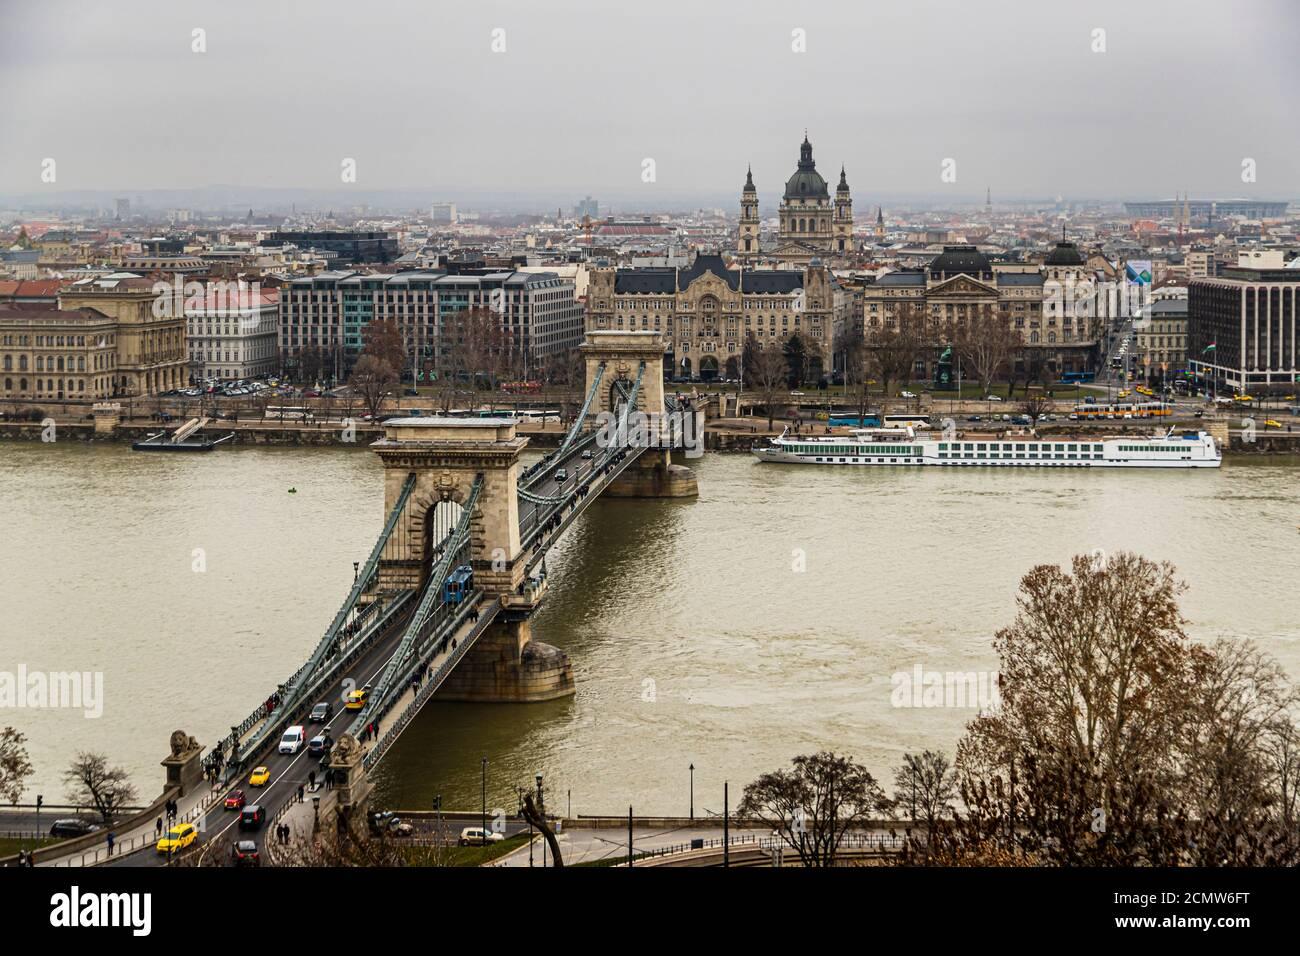 Vue sur le Danube au pont des chaînes de Budapest, Hongrie Banque D'Images